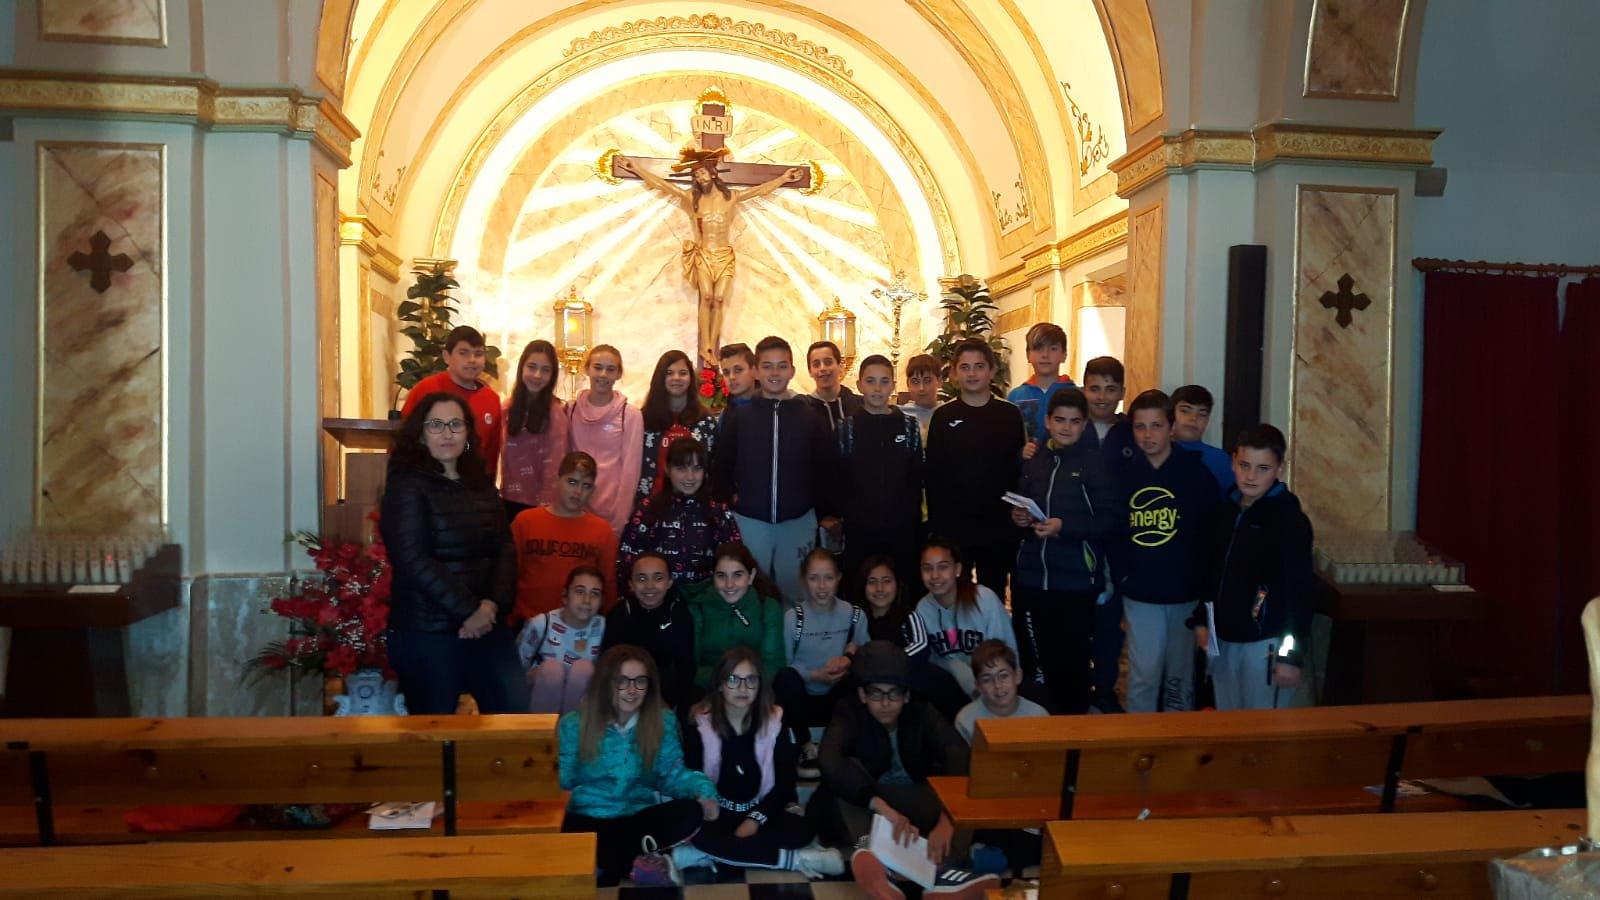 (2019-04-11) Visita ermita alumnos Pilar - 6 primaria -  9 de Octubre - María Isabel Berenguer (10)